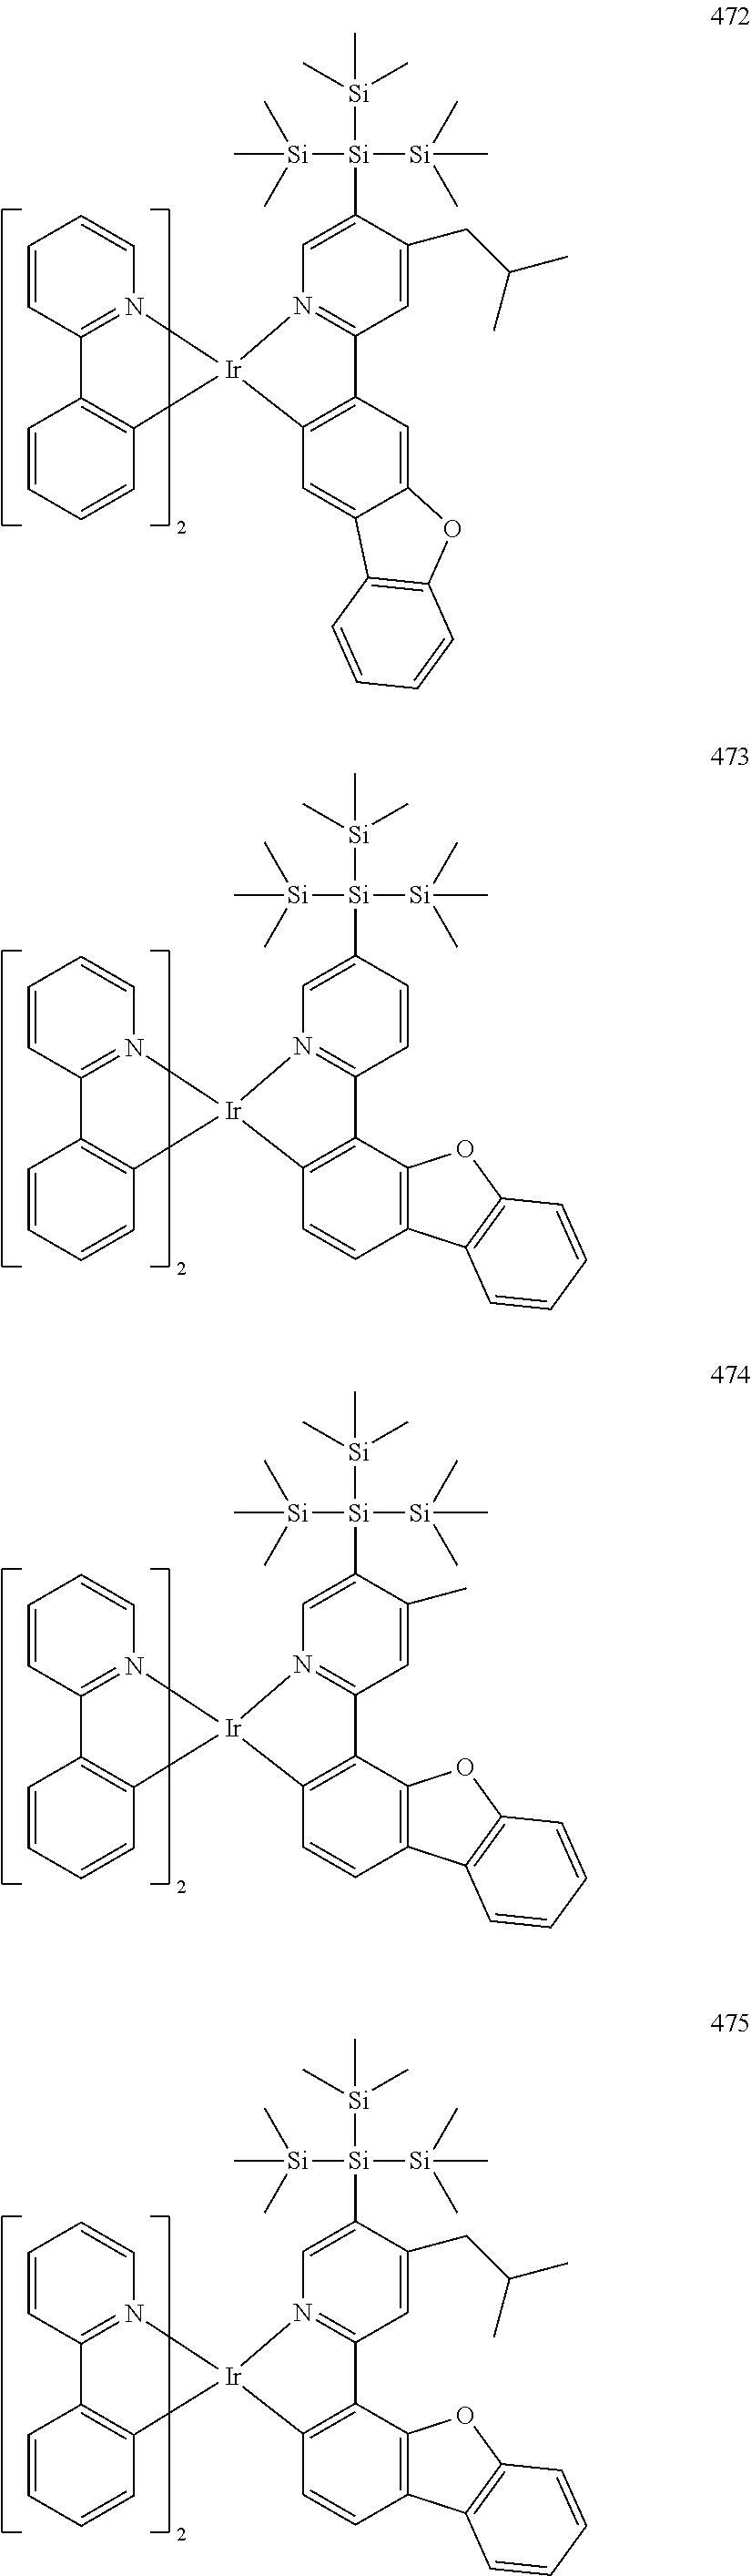 Figure US20160155962A1-20160602-C00457